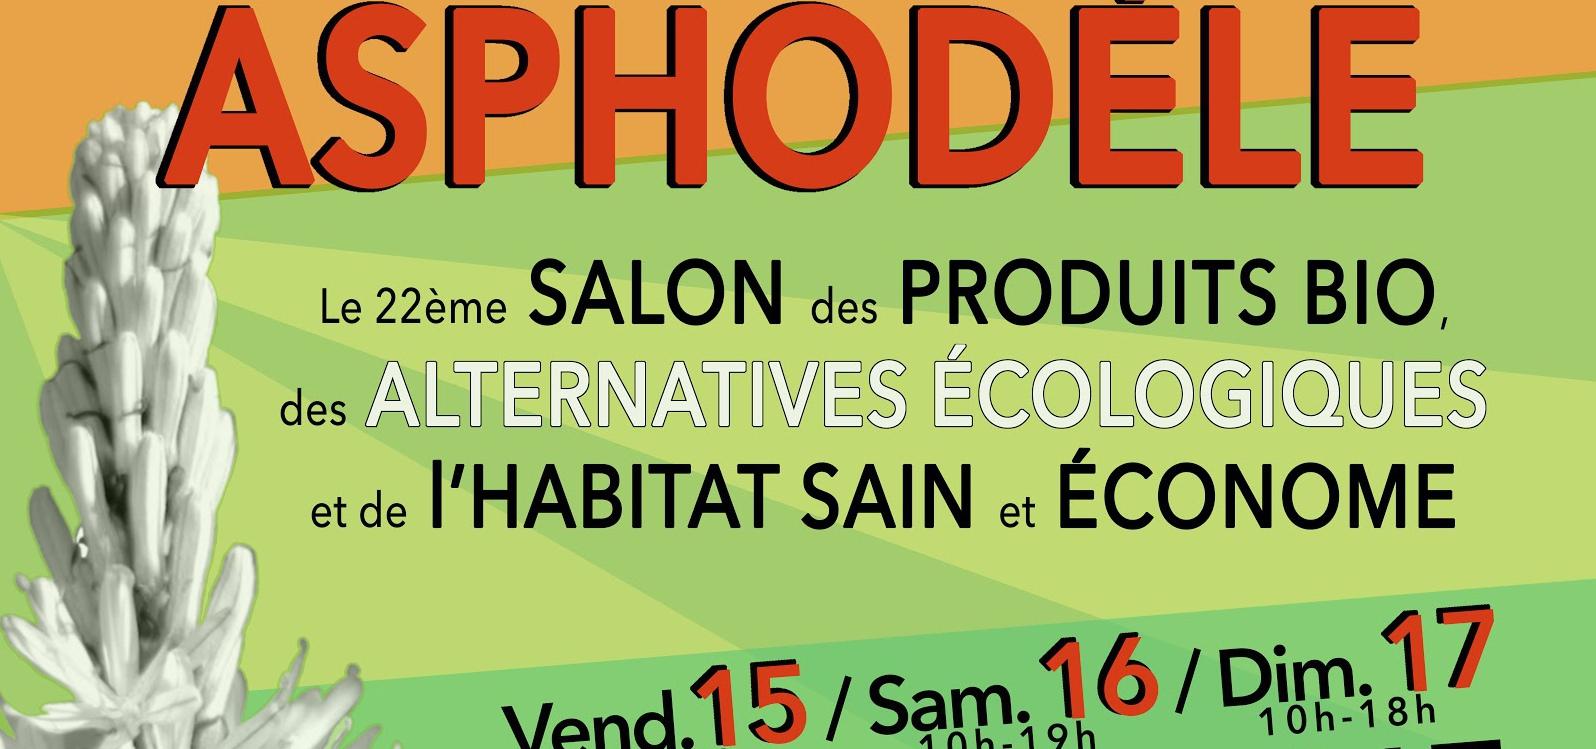 Actualit s tous mat riaux biosourc s nouvelle aquitaine - Salon eco construction ...